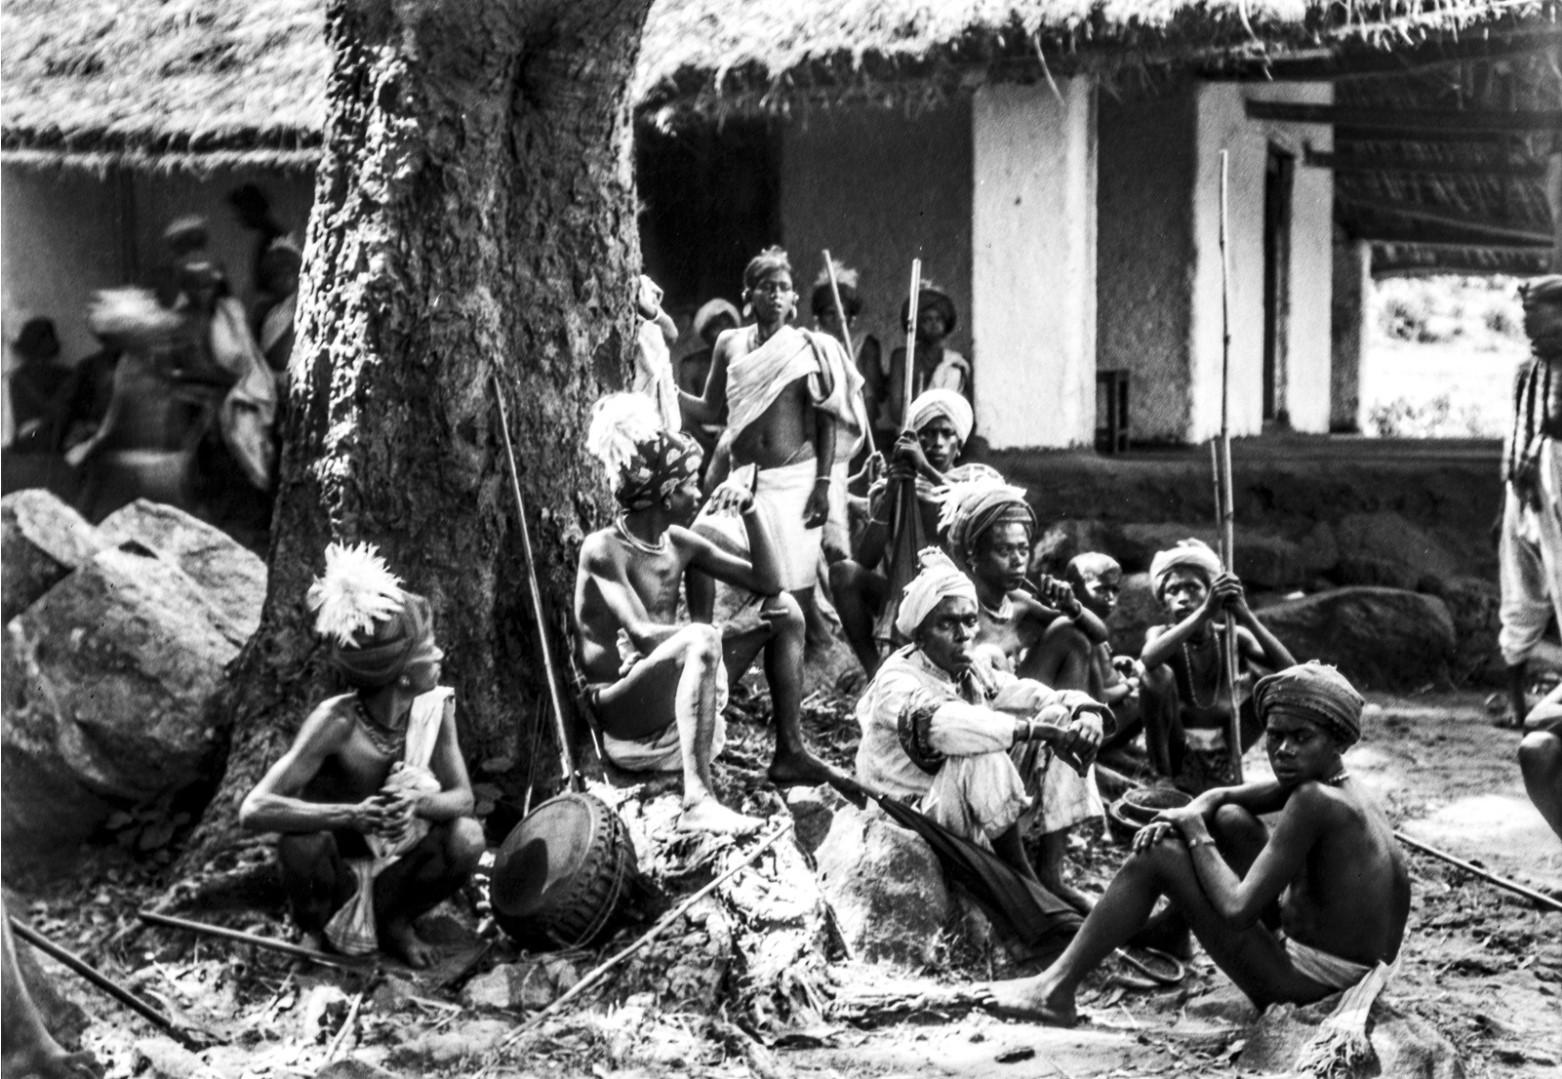 677. Орисса. Группа танцоров, сидящих под деревом